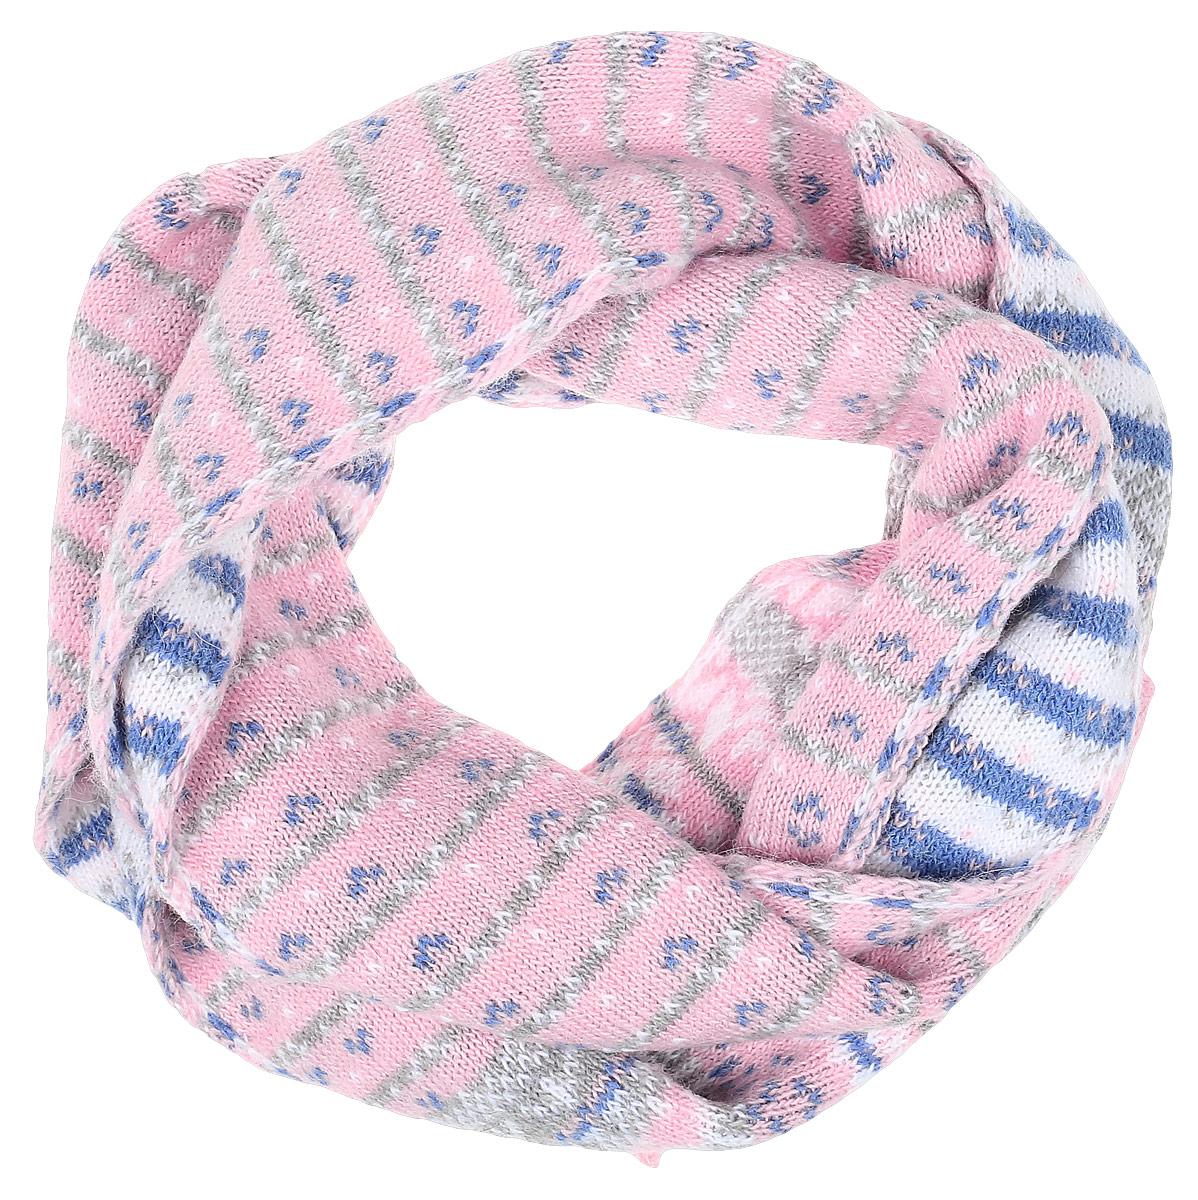 W16-12128_202Теплый женский шарф Finn Flare станет достойным завершением вашего образа. Шарф изготовлен из сочетания высококачественных материалов. Модель оформлена контрастным принтом.